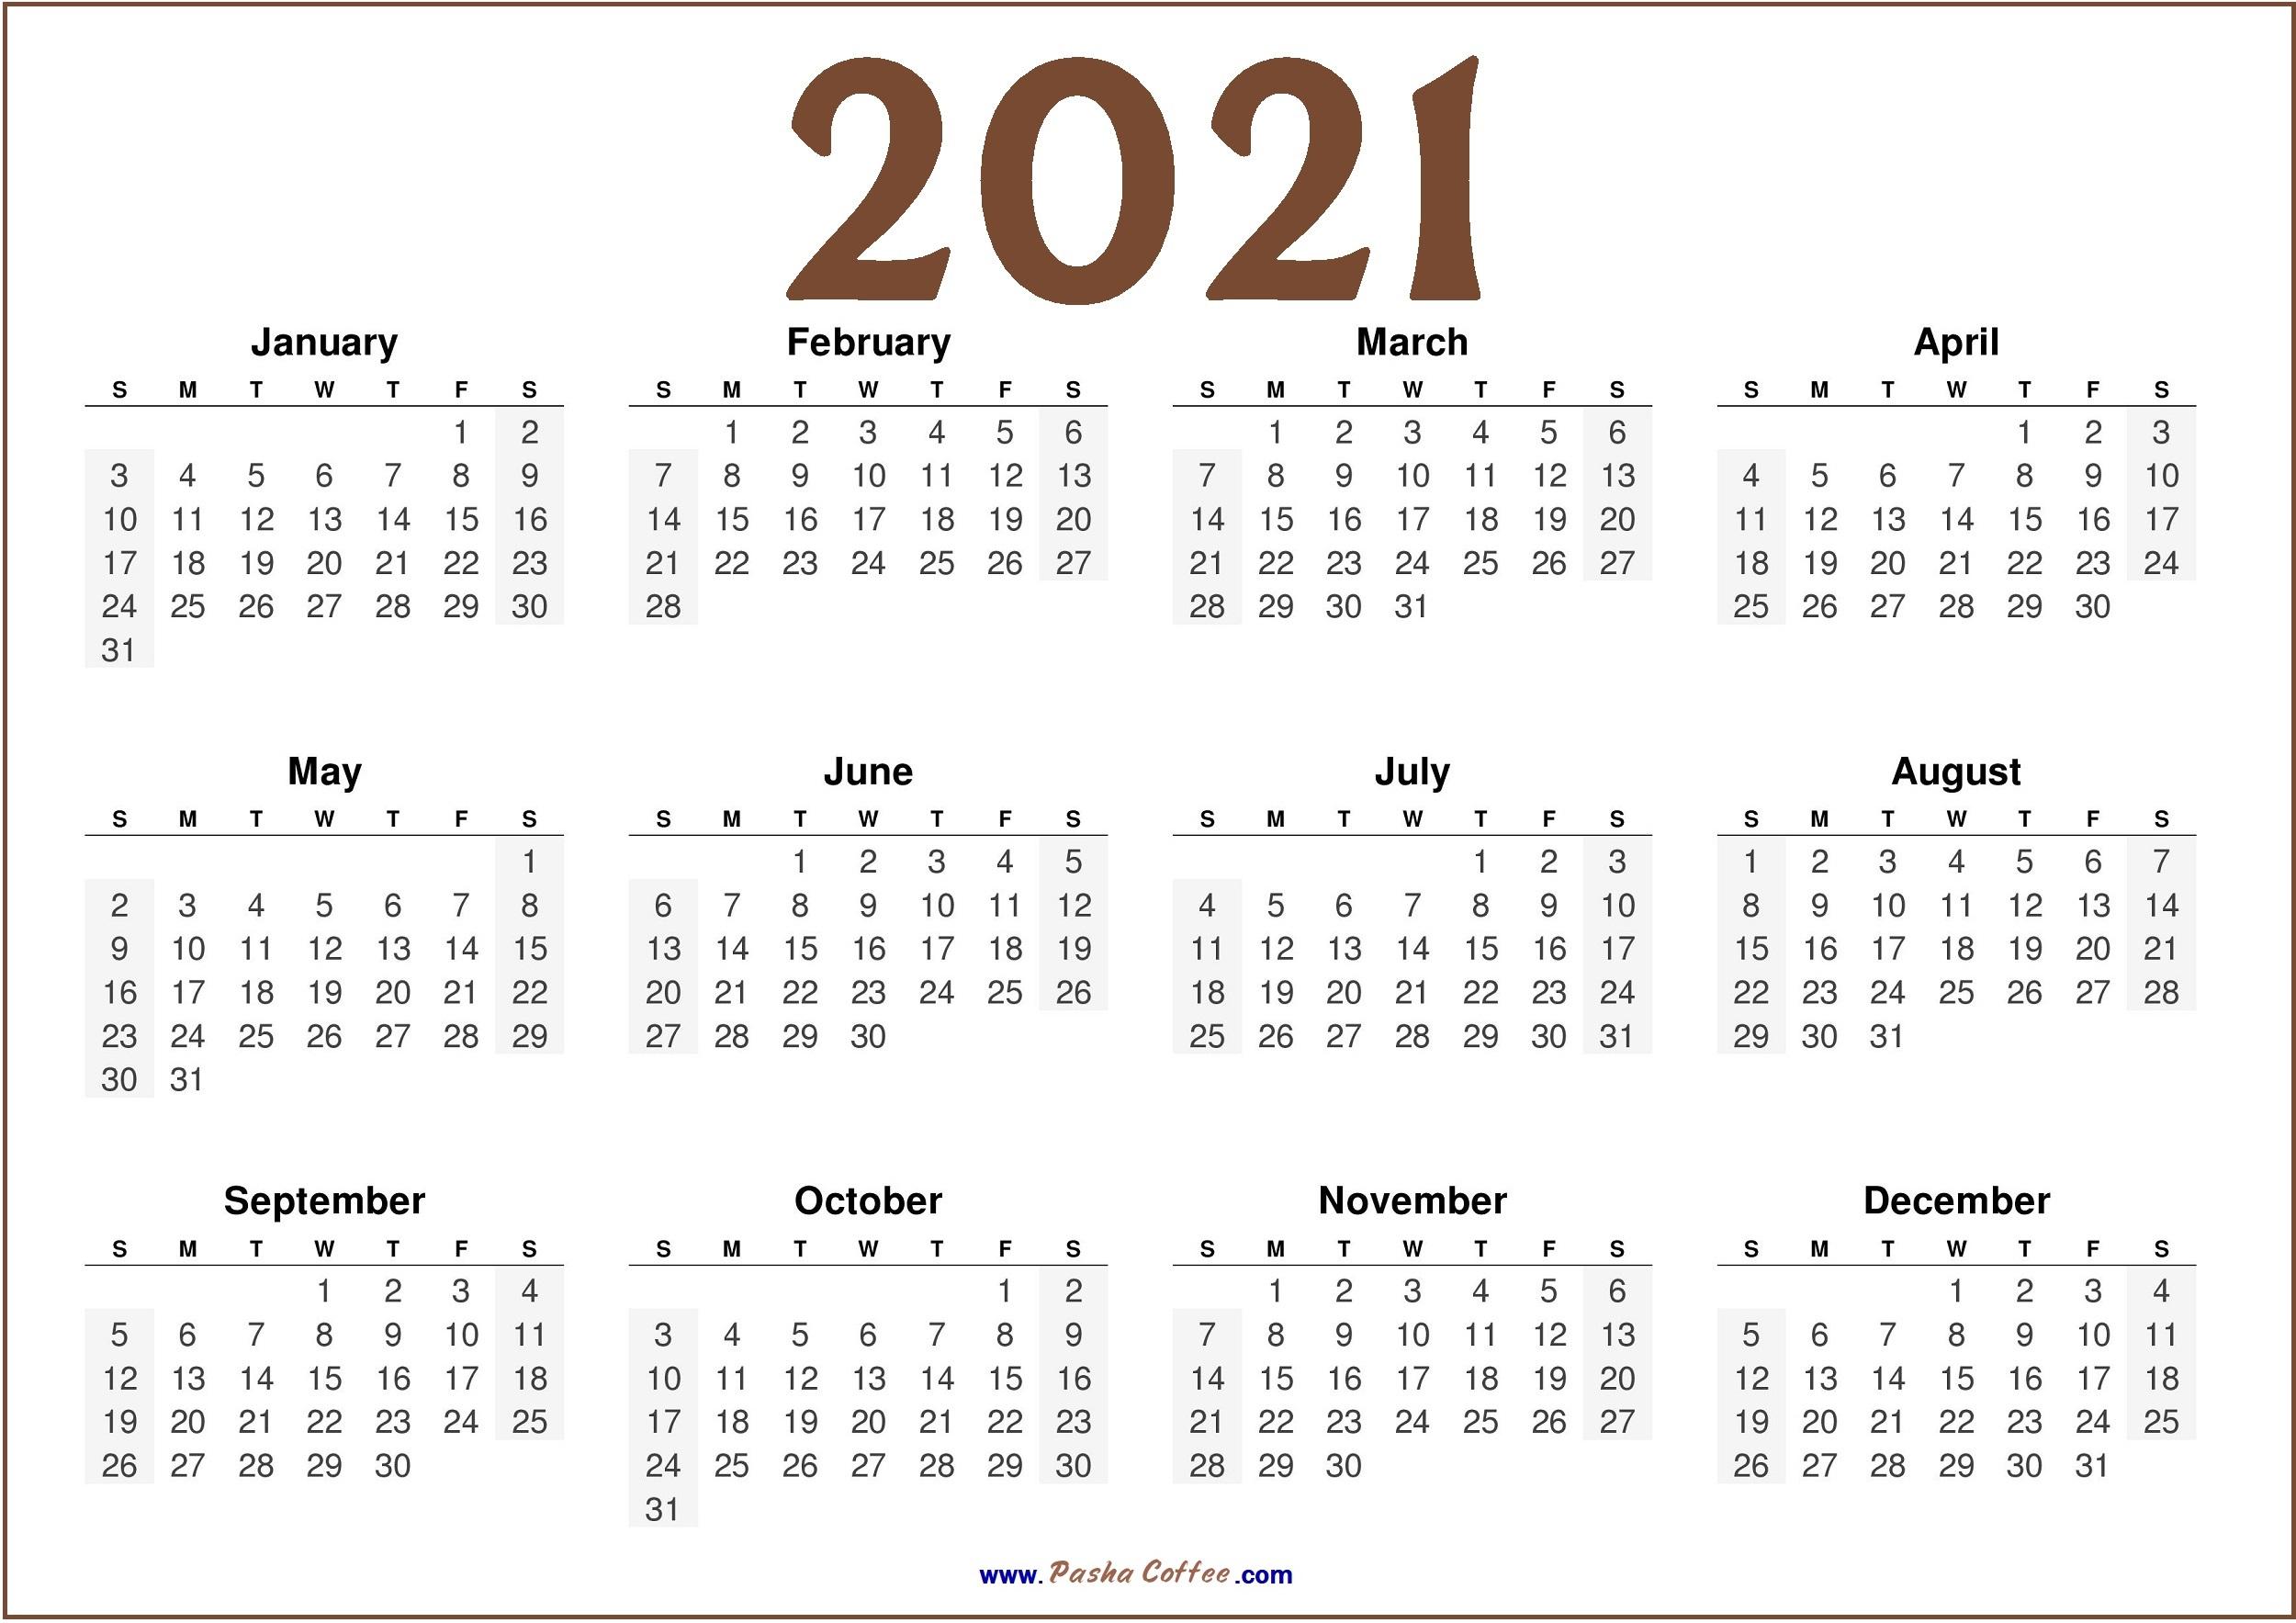 2021 Calendar Jpg 2021 Calendar Free Printable HD  |